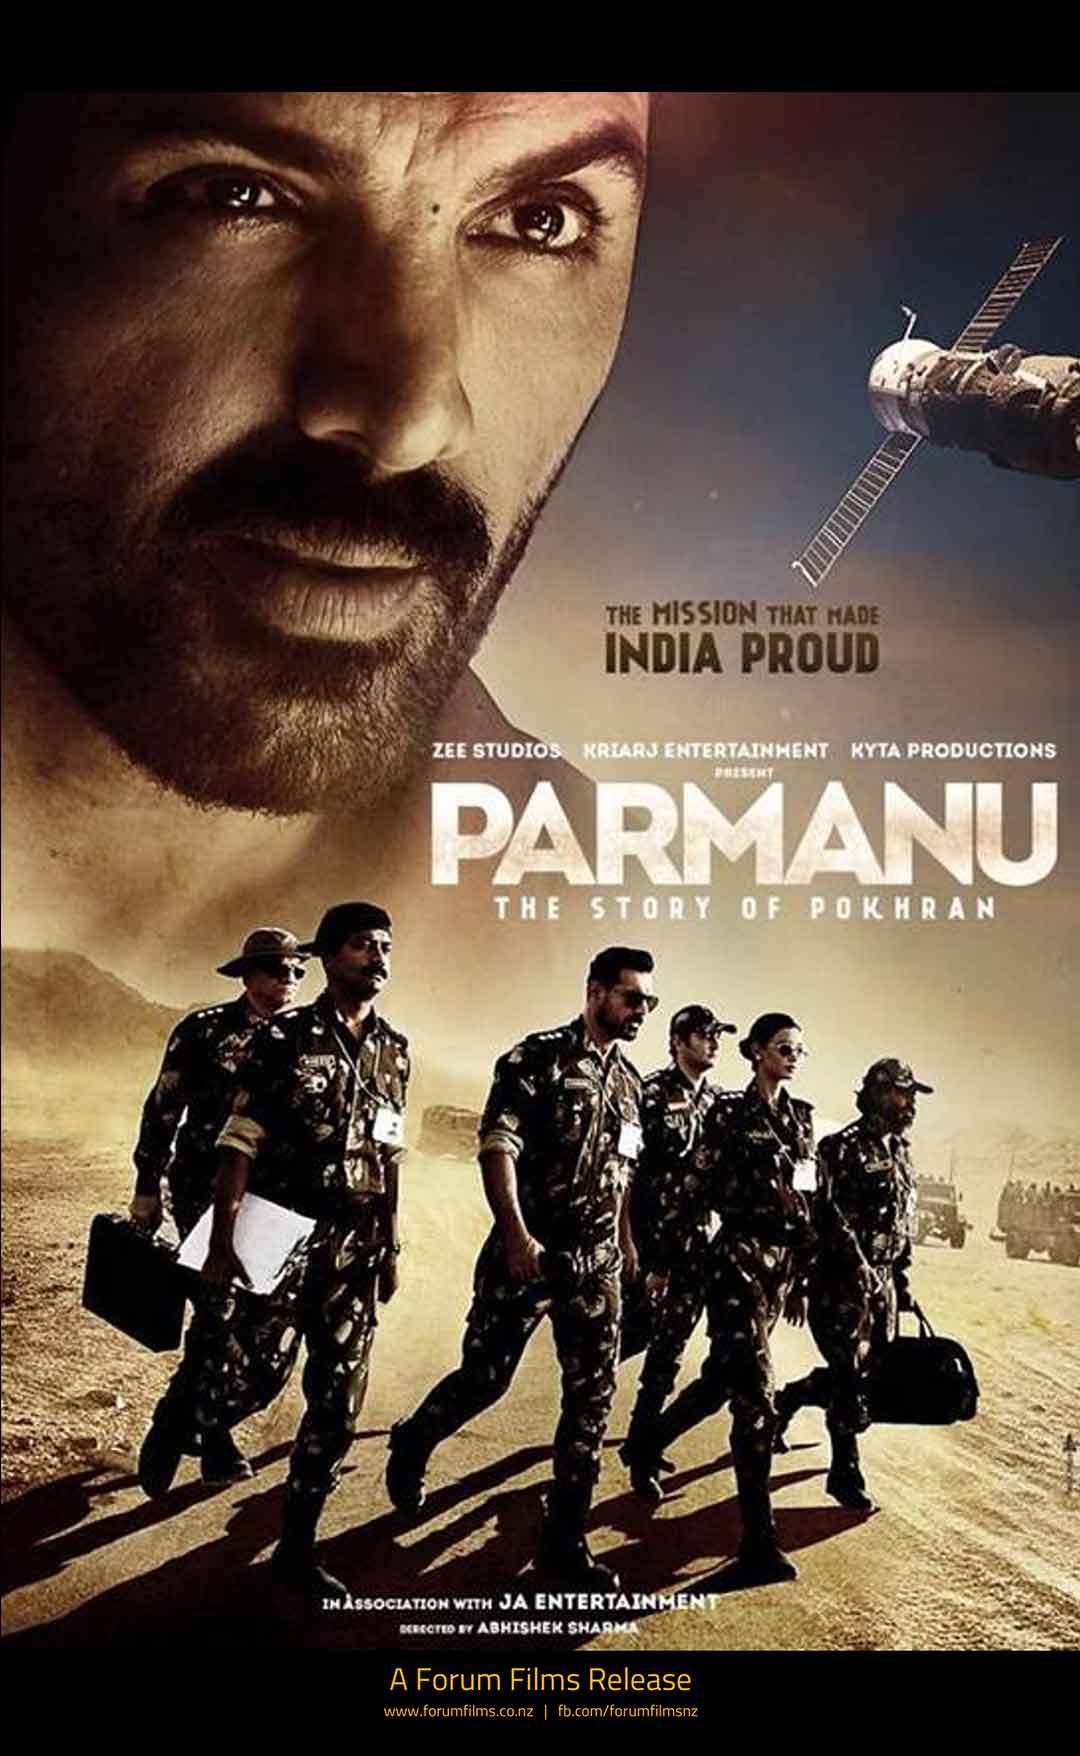 parmanu: the story of pokhran